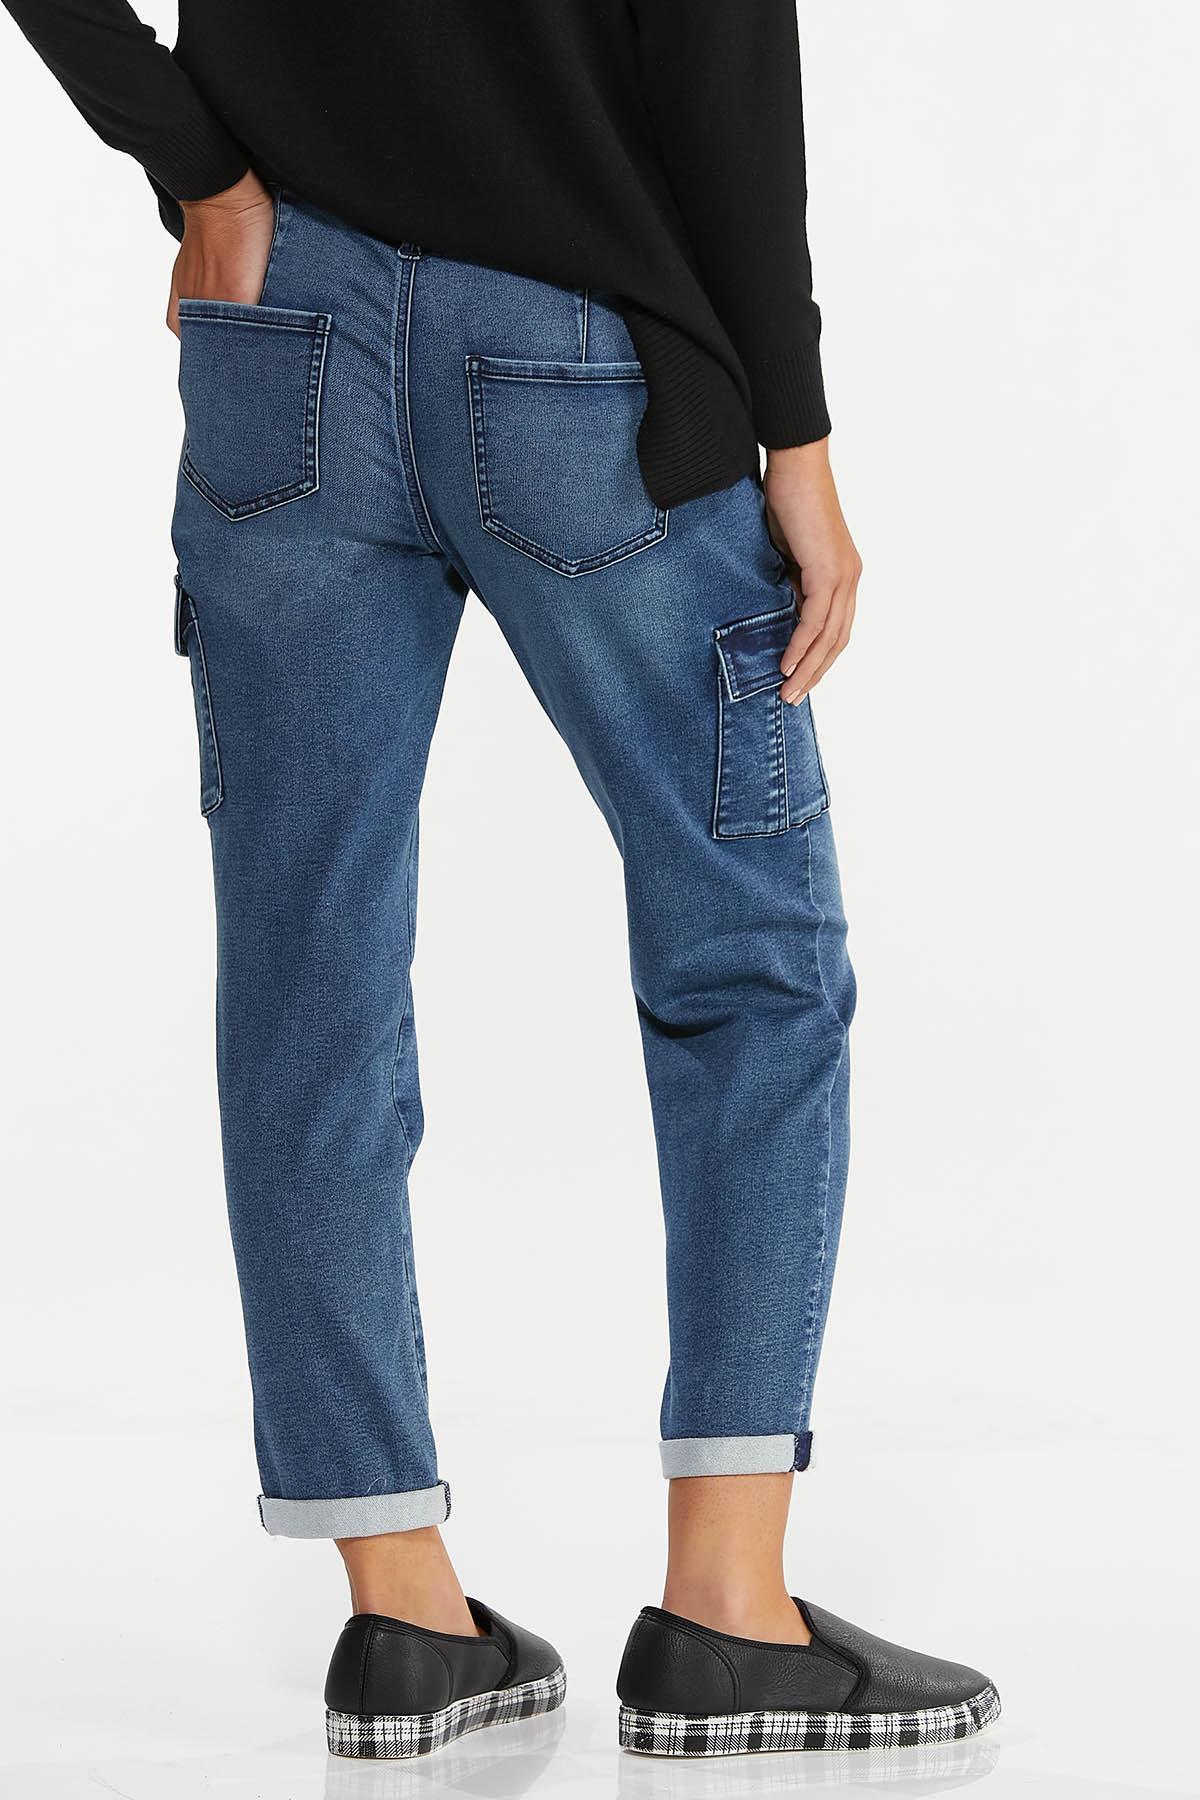 Stretch Utility Jeans (Item #44698598)